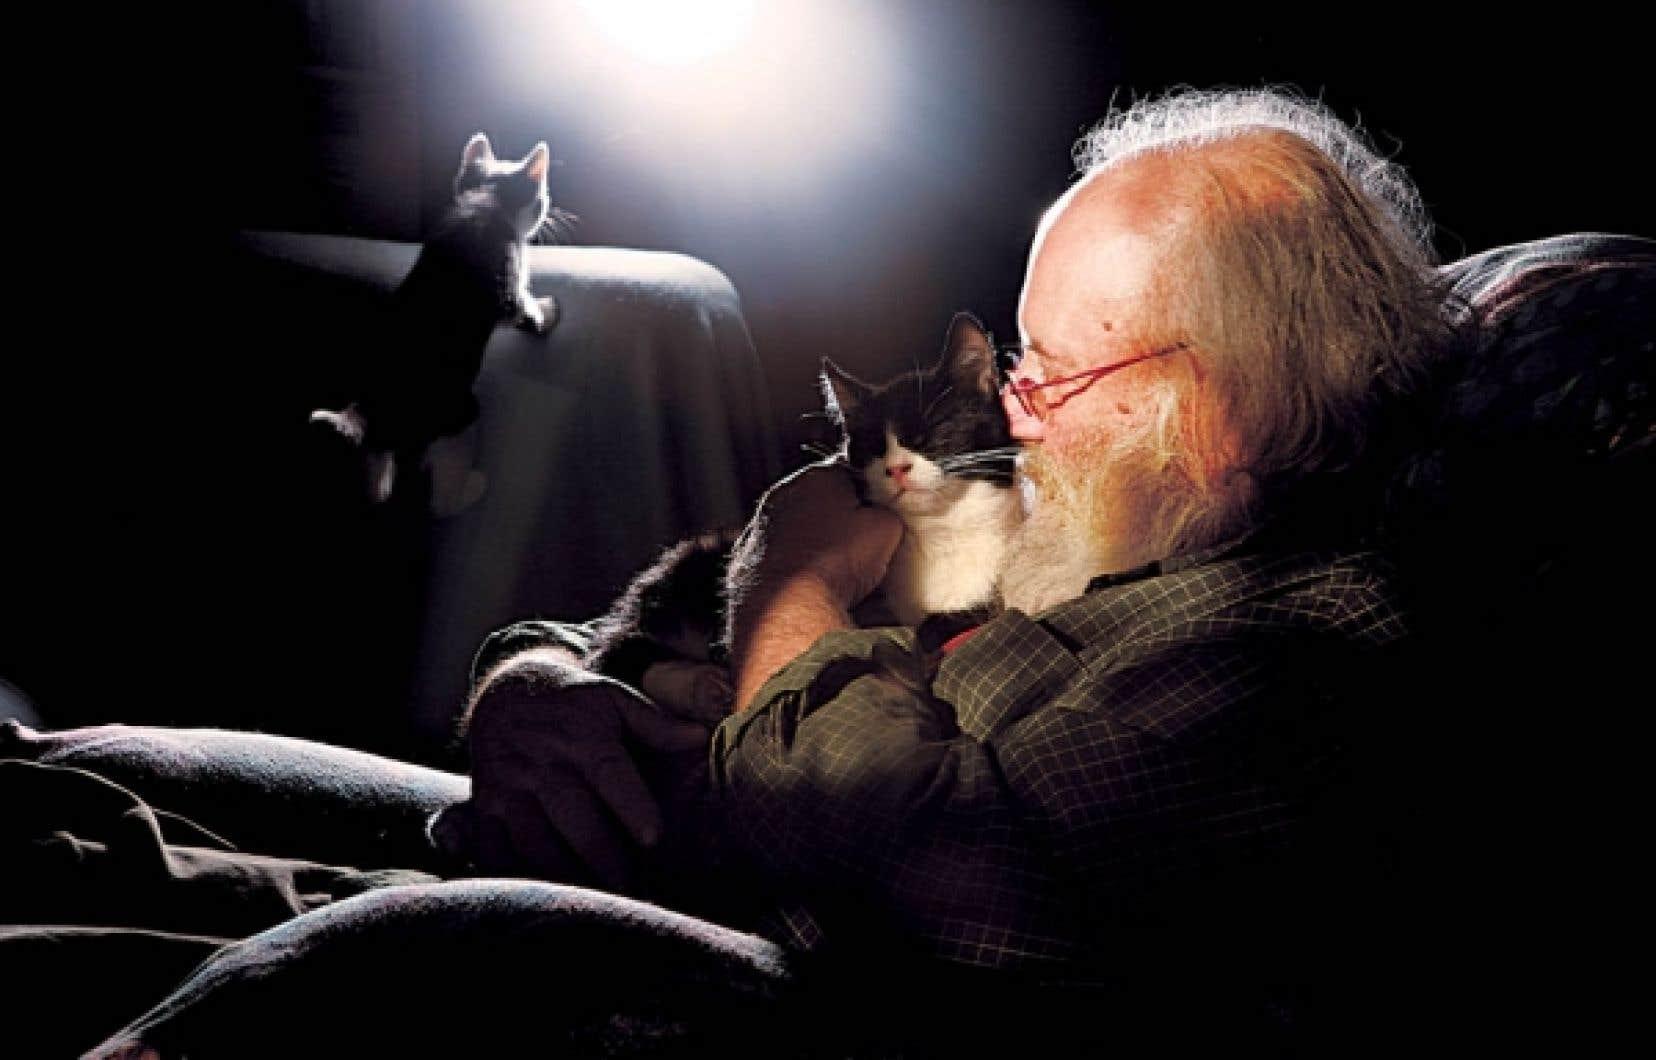 Aussi adroit avec les brebis qu'avec les chats, les cochons ou les chevaux, Victor-Lévy Beaulieu aurait pu être vétérinaire. Il rêvait d'étudier le cerveau. Il a plutôt consacré ses heures à décrypter l'âme humaine tout en se réfugiant auprès des animaux.